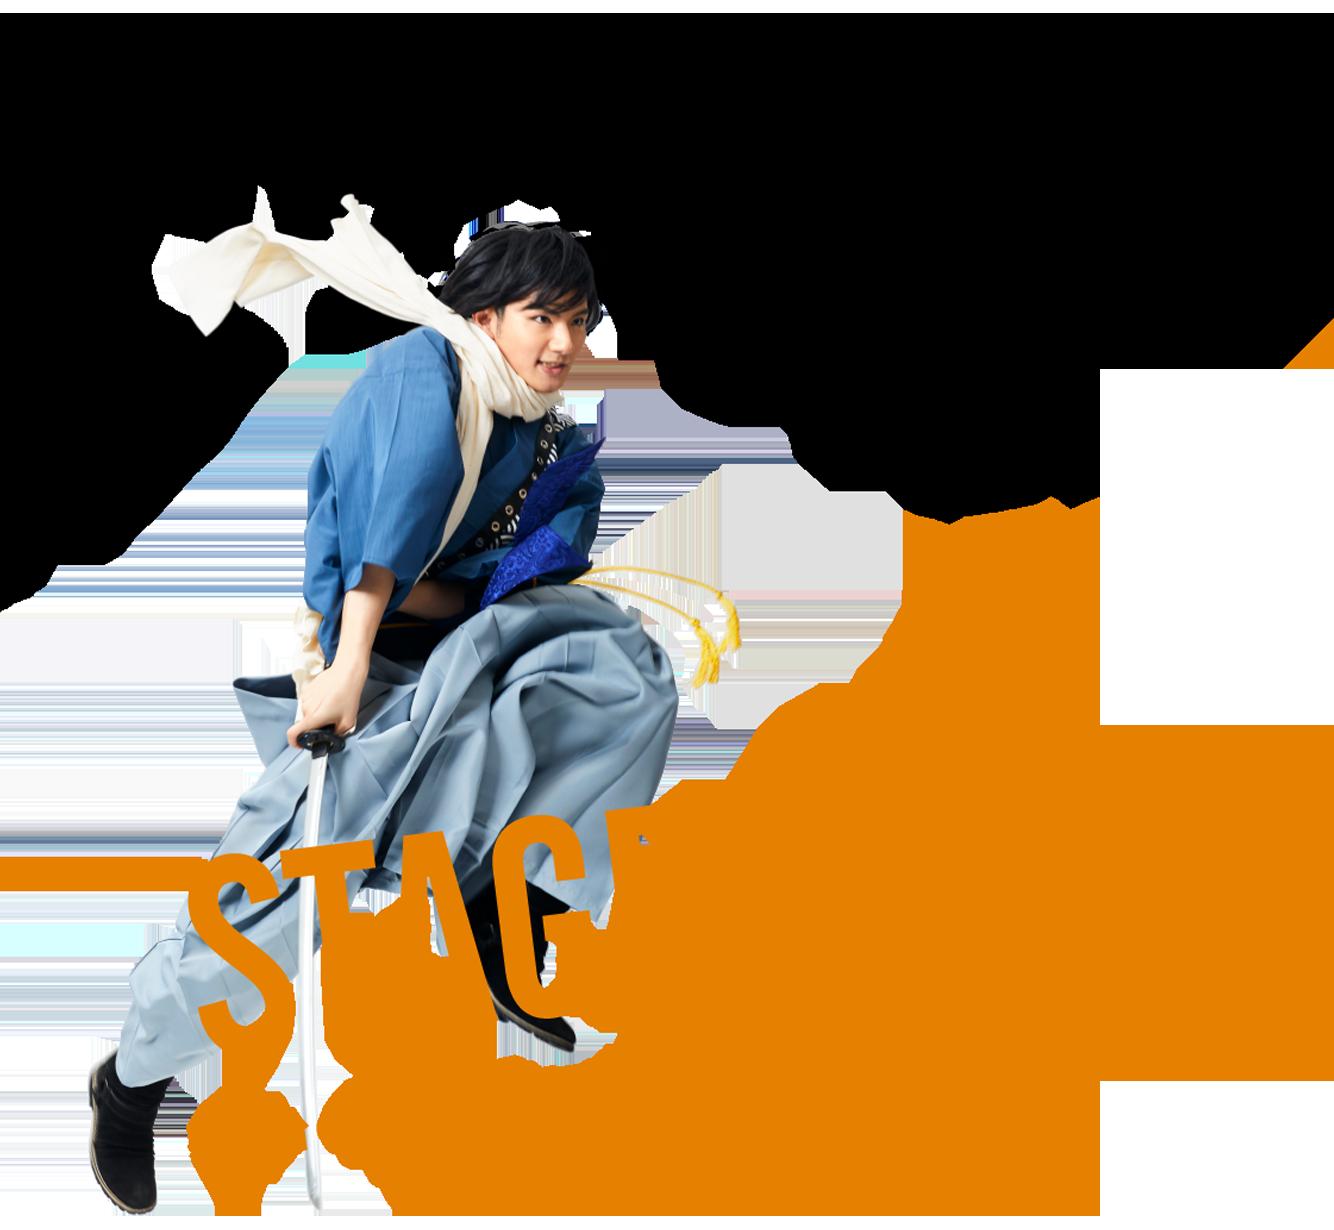 舞台の可能性を広げる。演技力と表現力をみにつける。